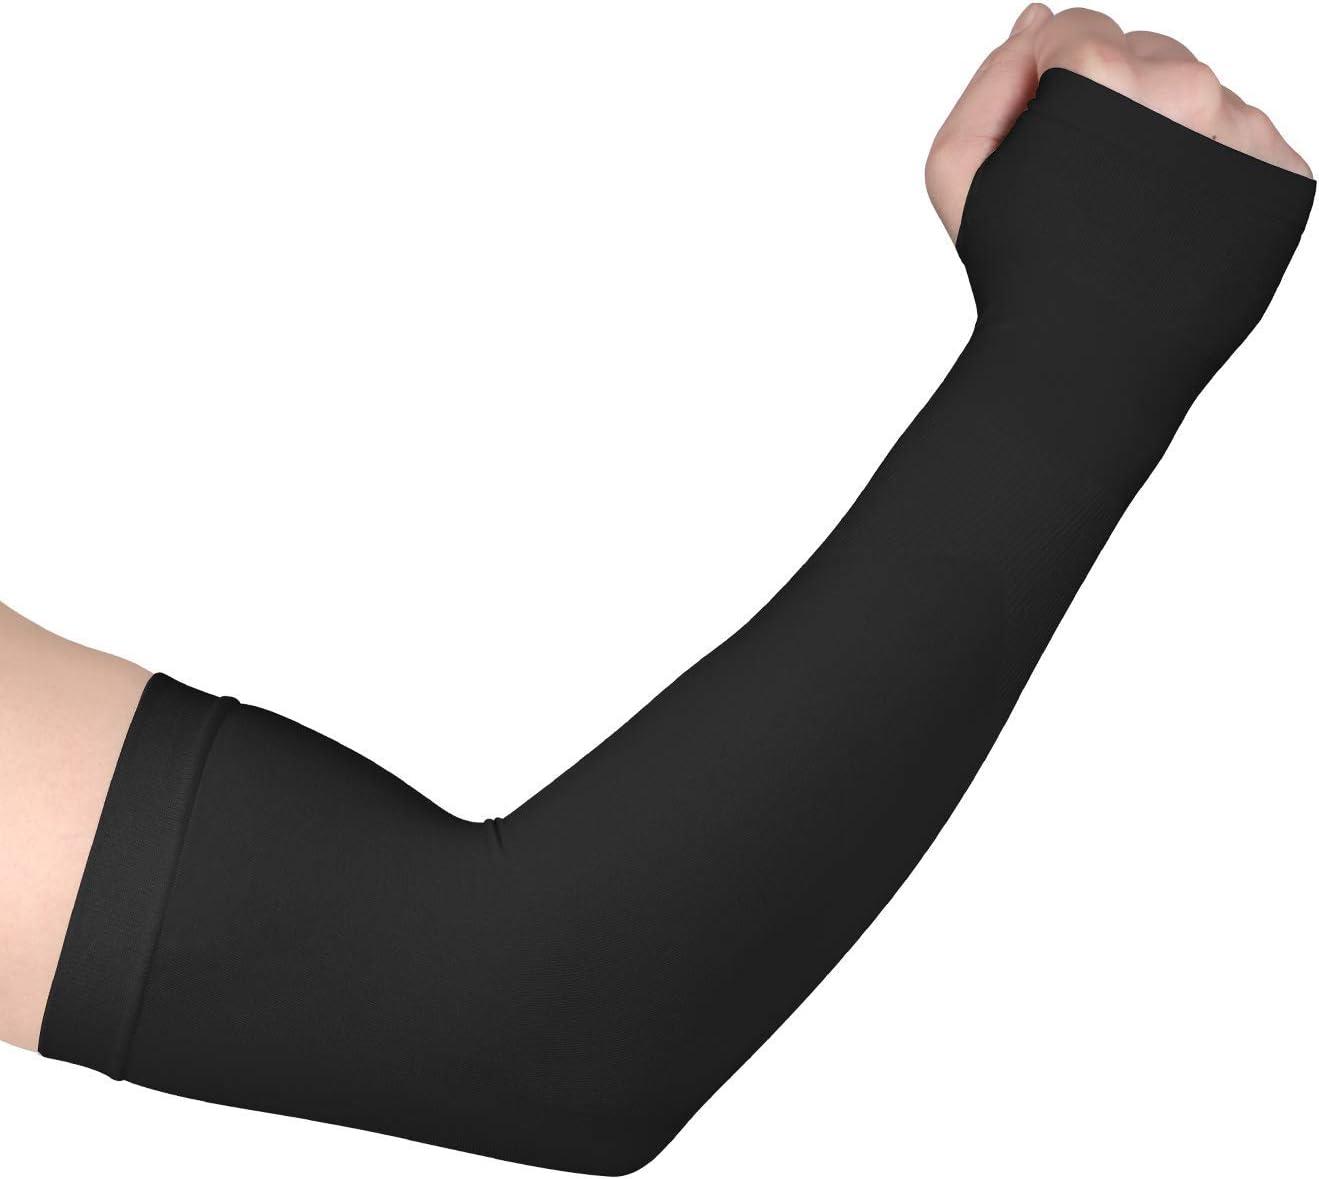 Mangas de brazo enfriamiento UV protección solar guantes antebrazo ...